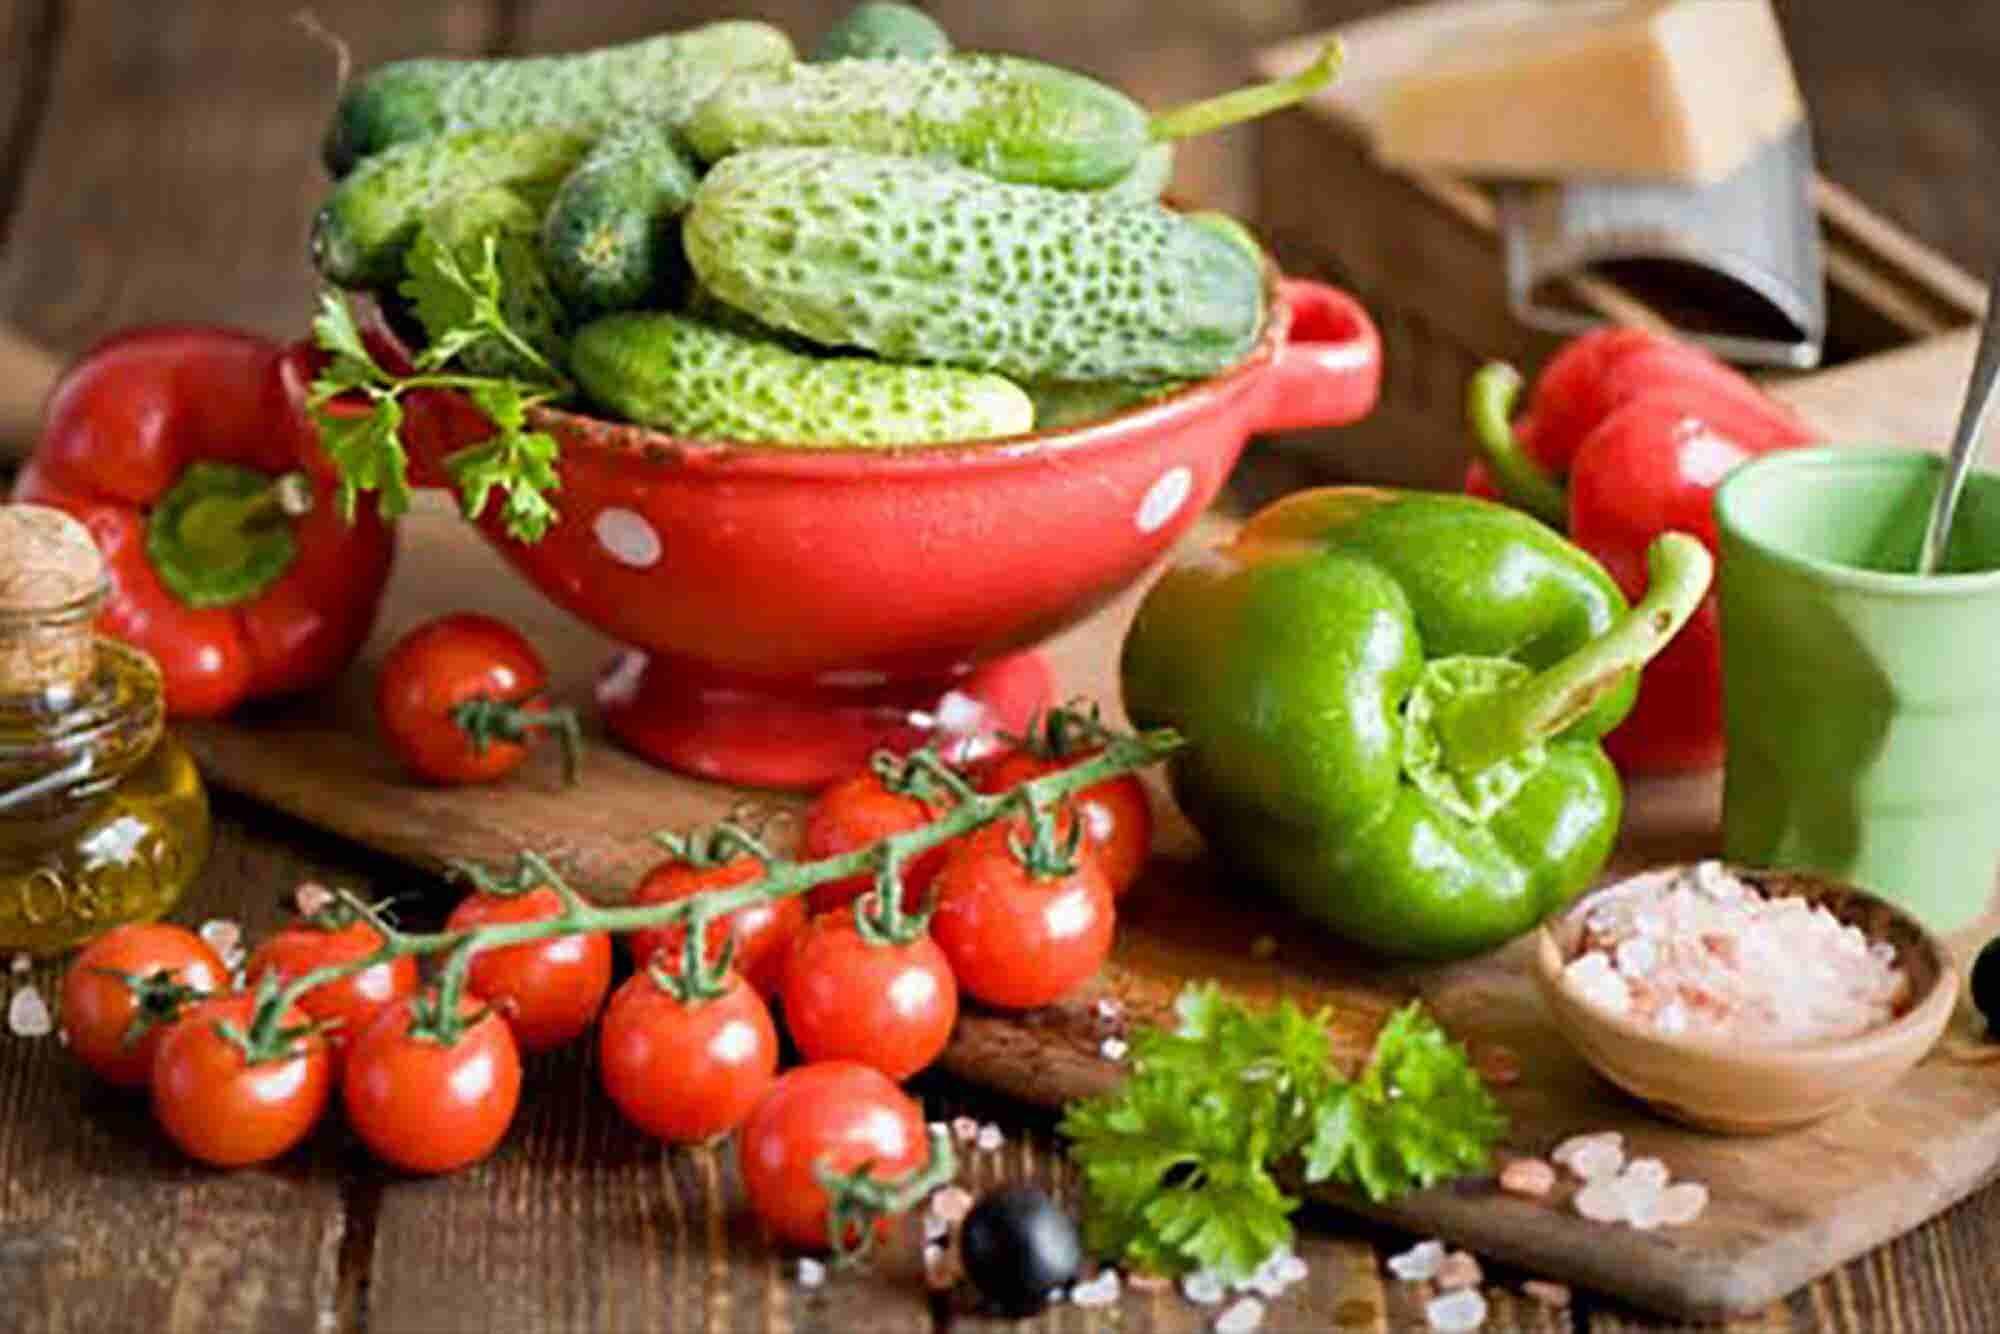 Restaurante de comida orgánica